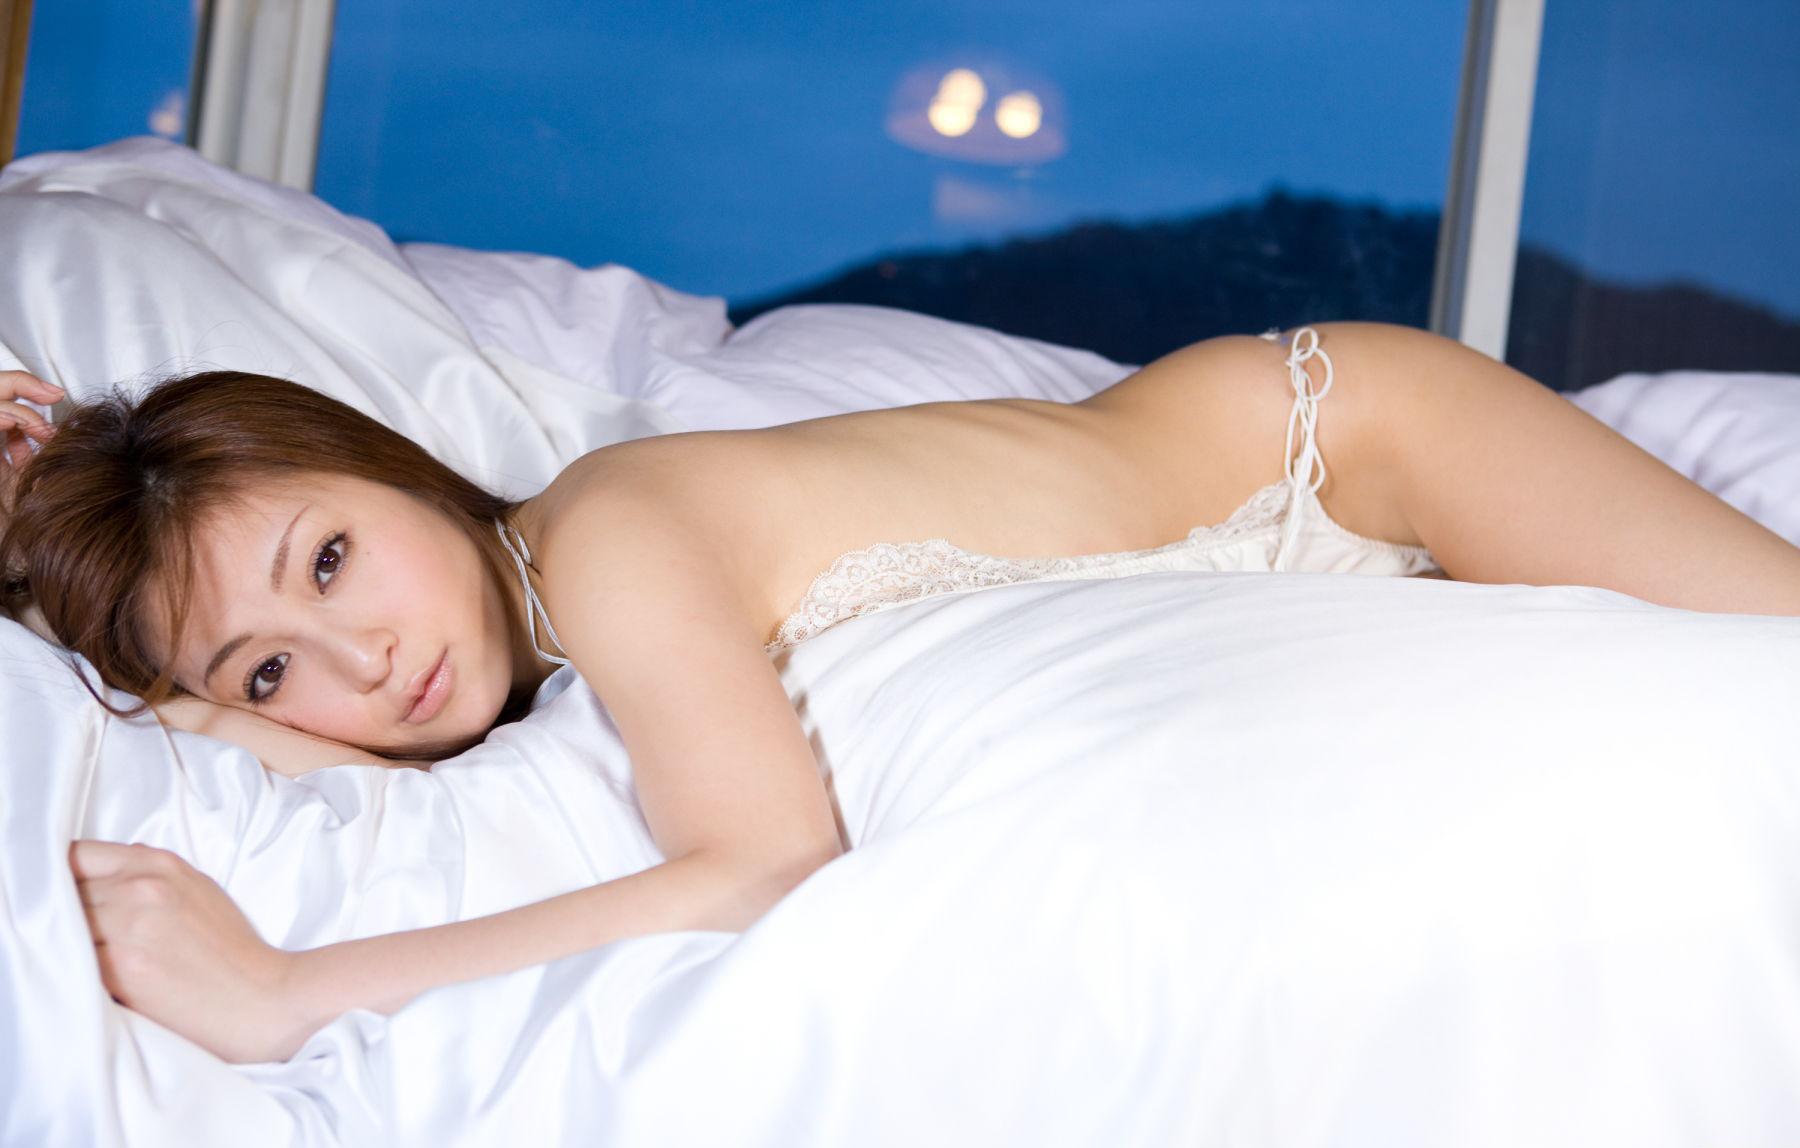 辰巳奈都子 画像 76